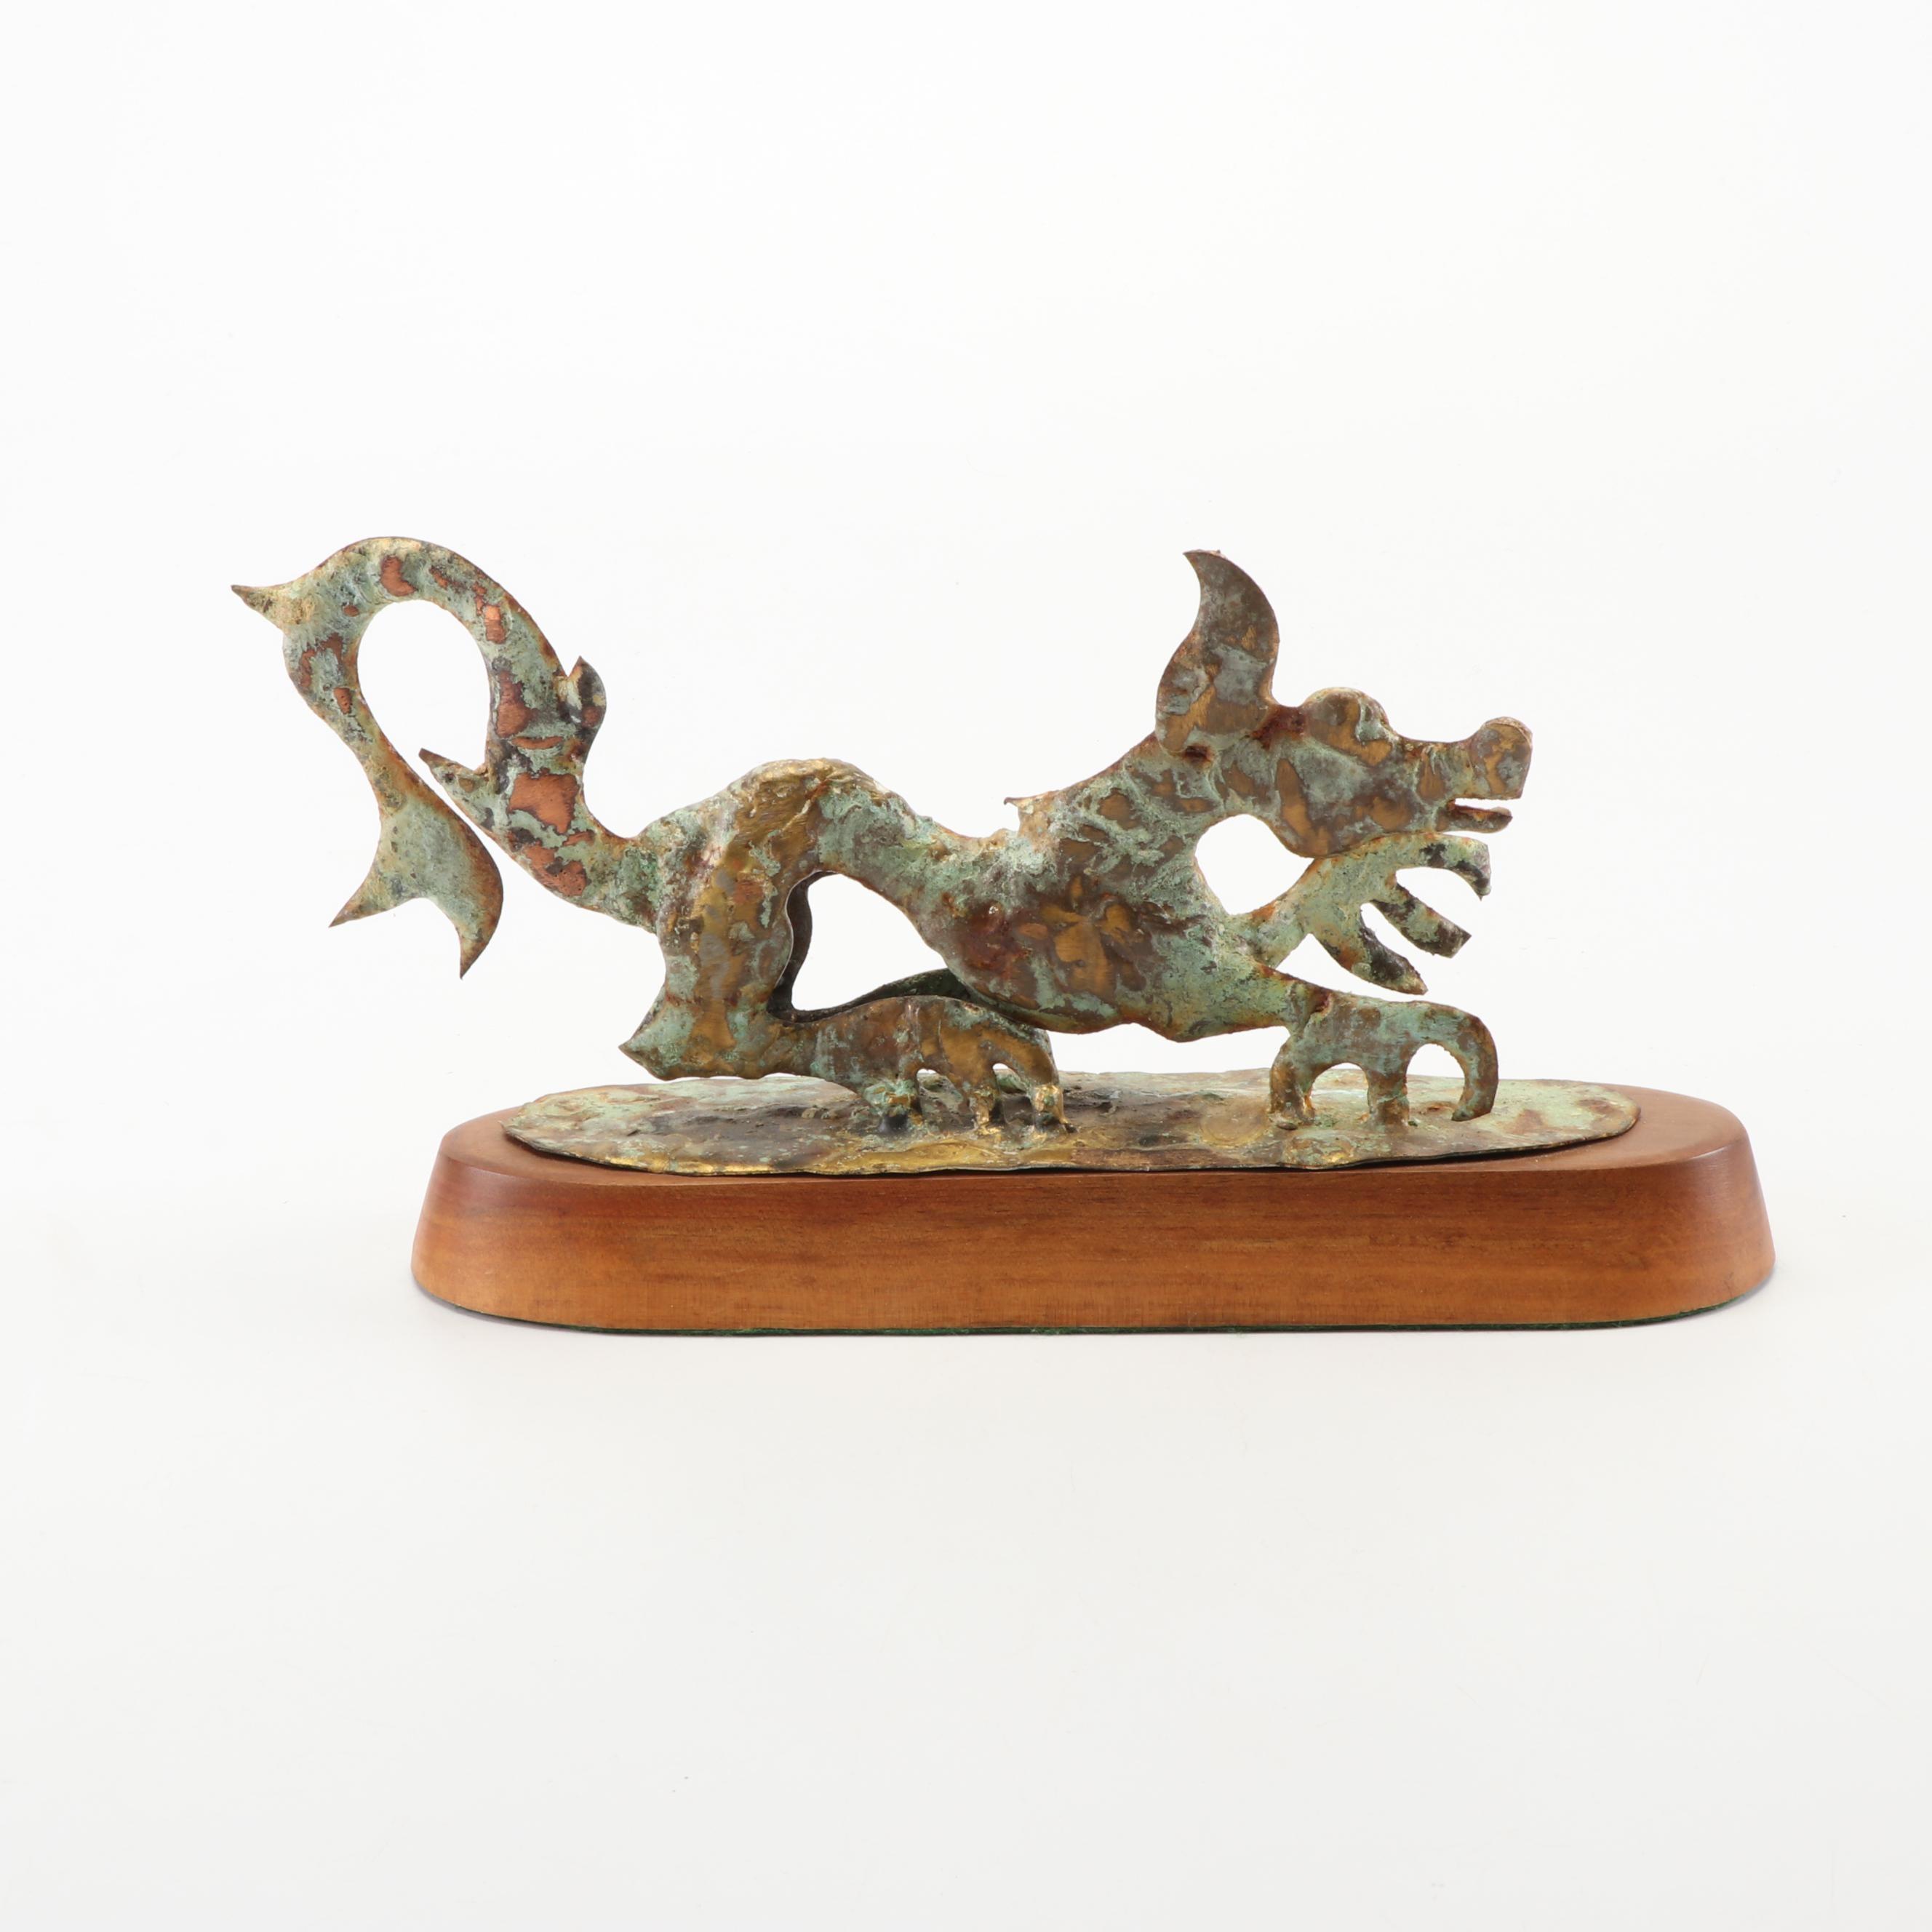 Bill Lett Dragon Sculpture